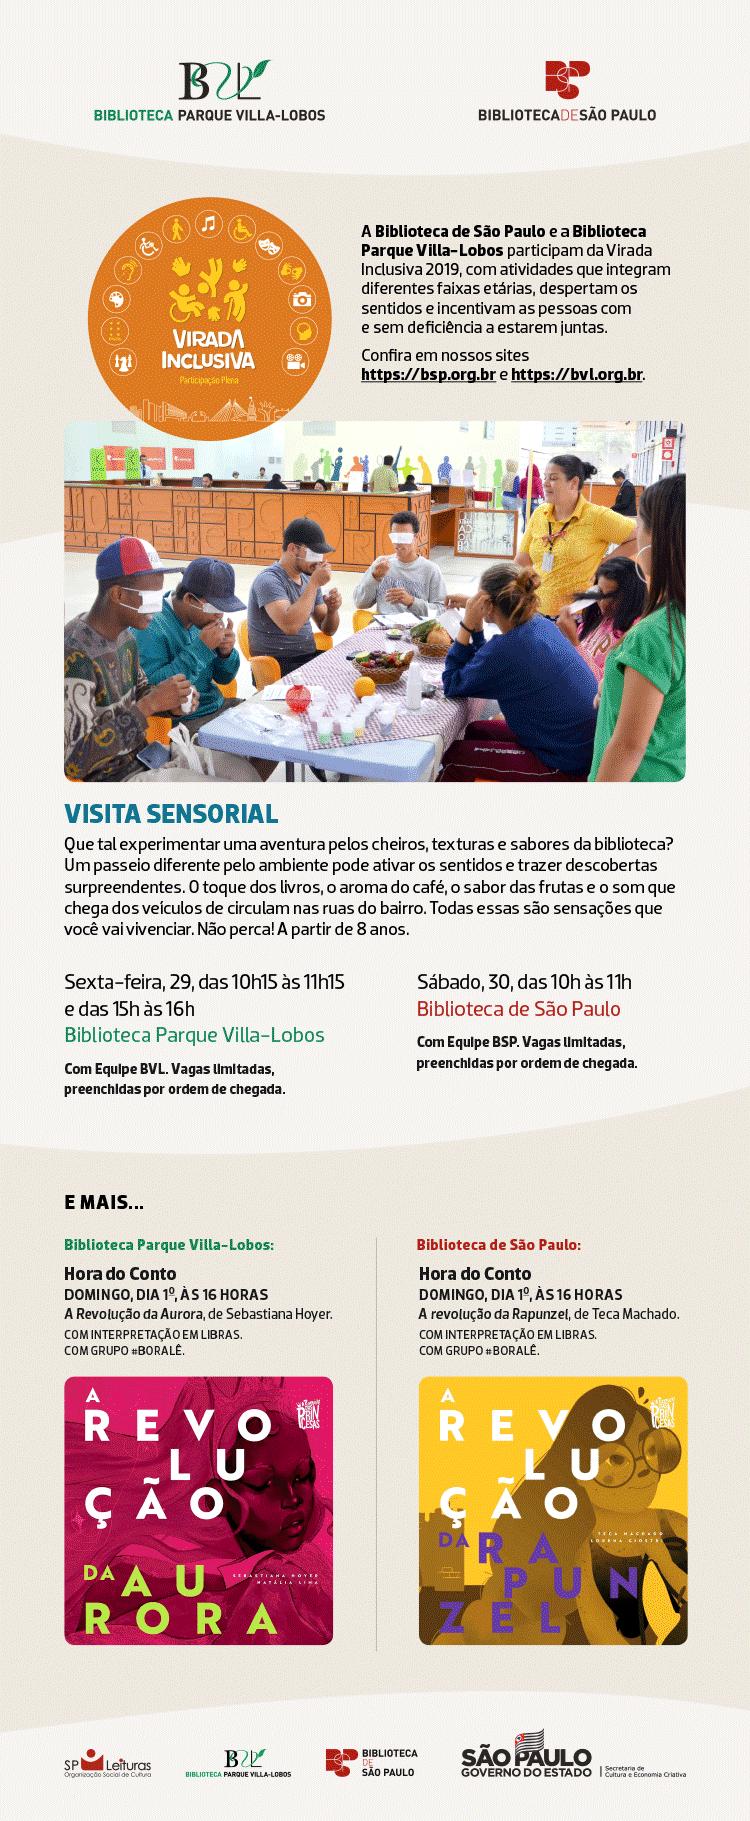 virada-inclusiva-2019-BSP-BVL